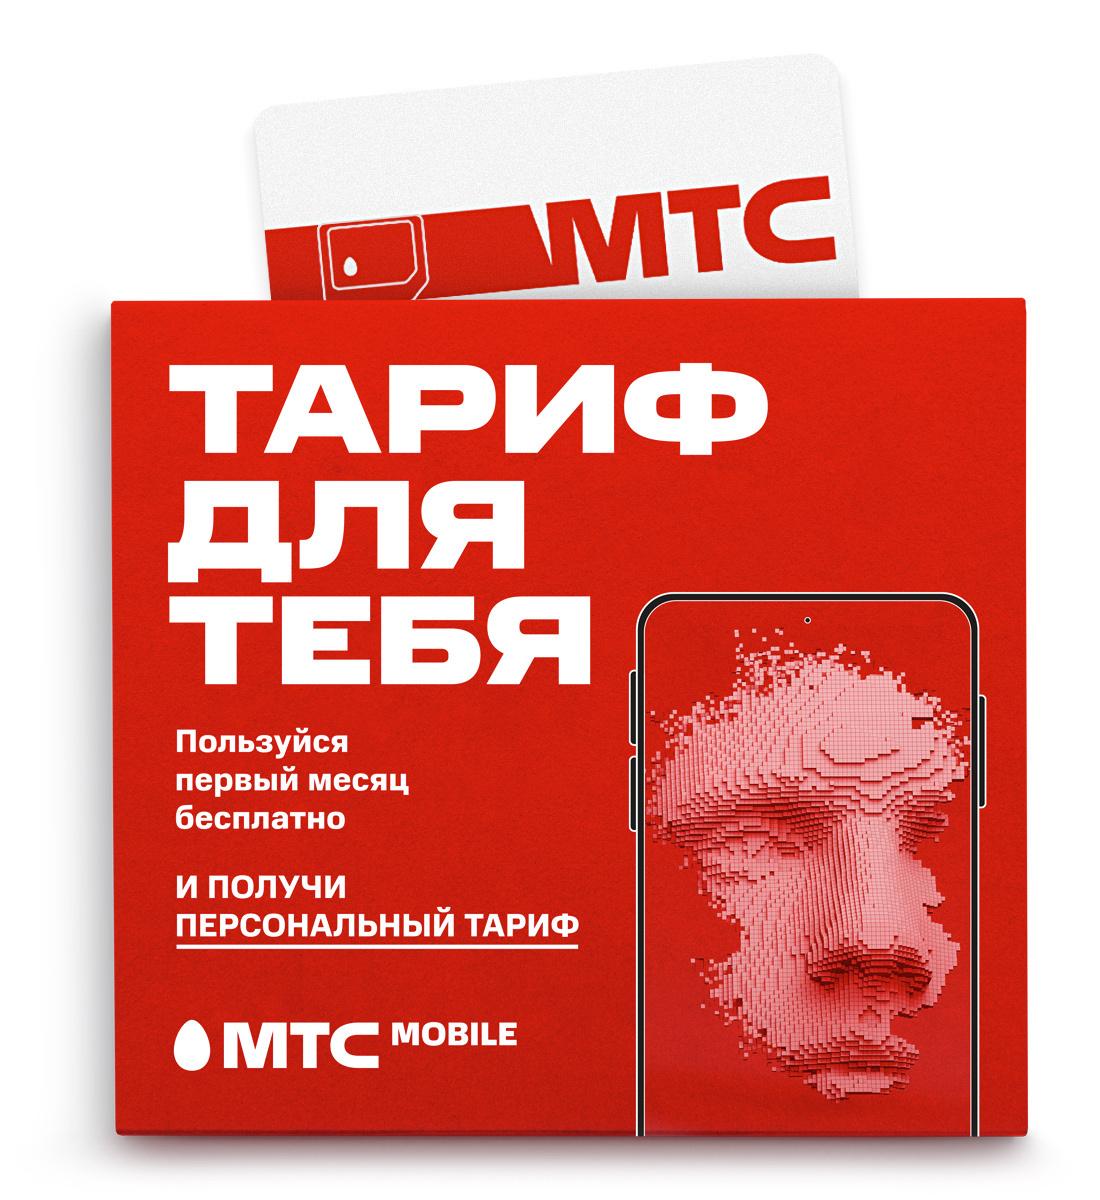 Сим-карта МТС. Тарифище Москва и Московская область #1